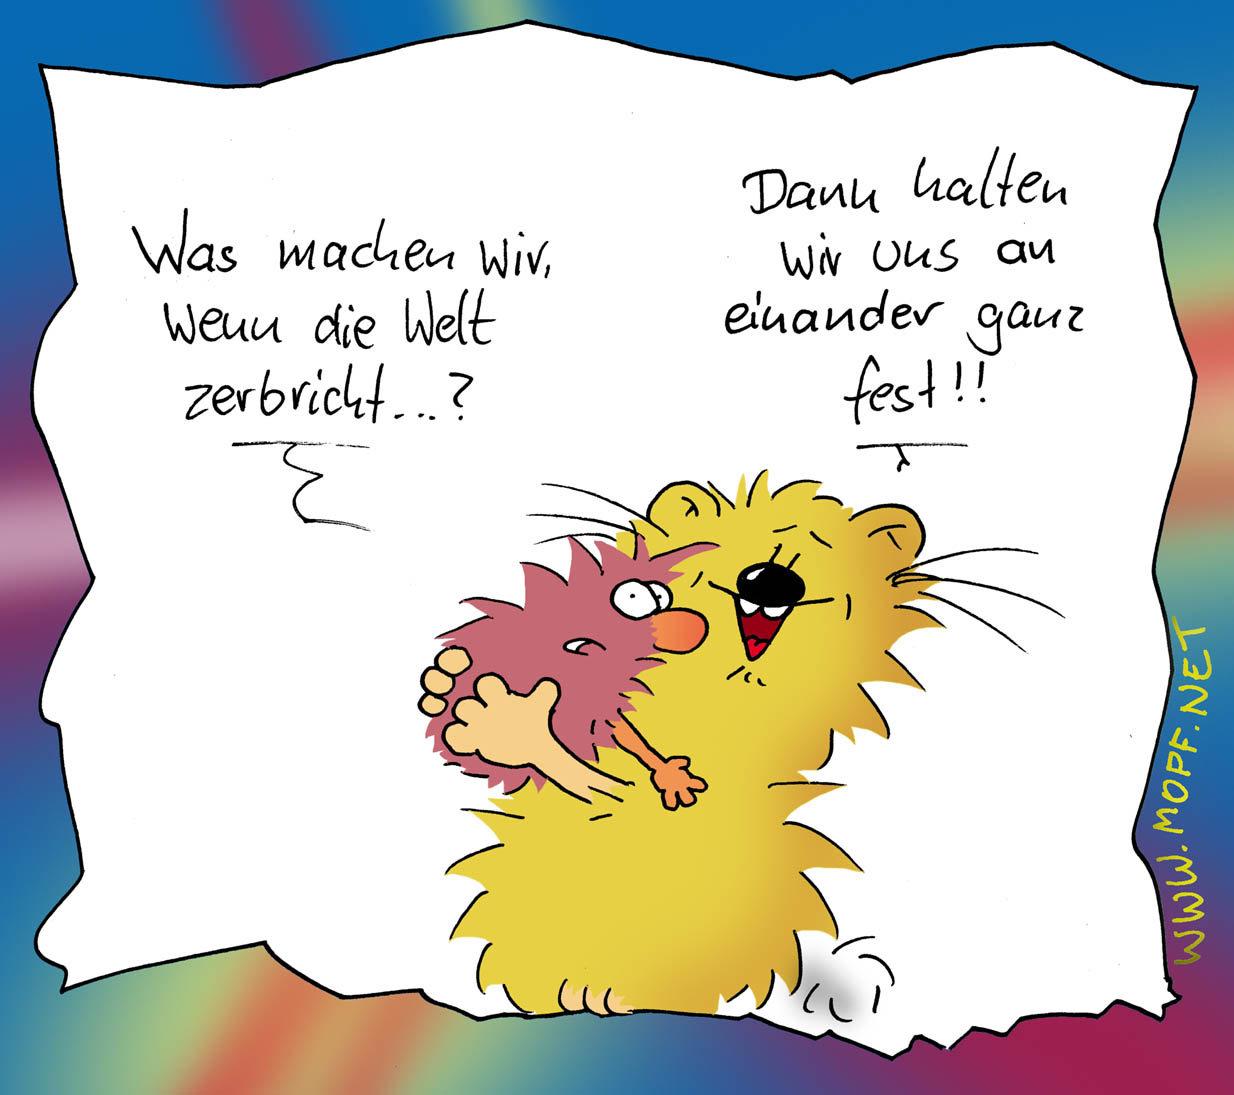 Bevorzugt Sprüche Trost | Bnbnews.co EV69